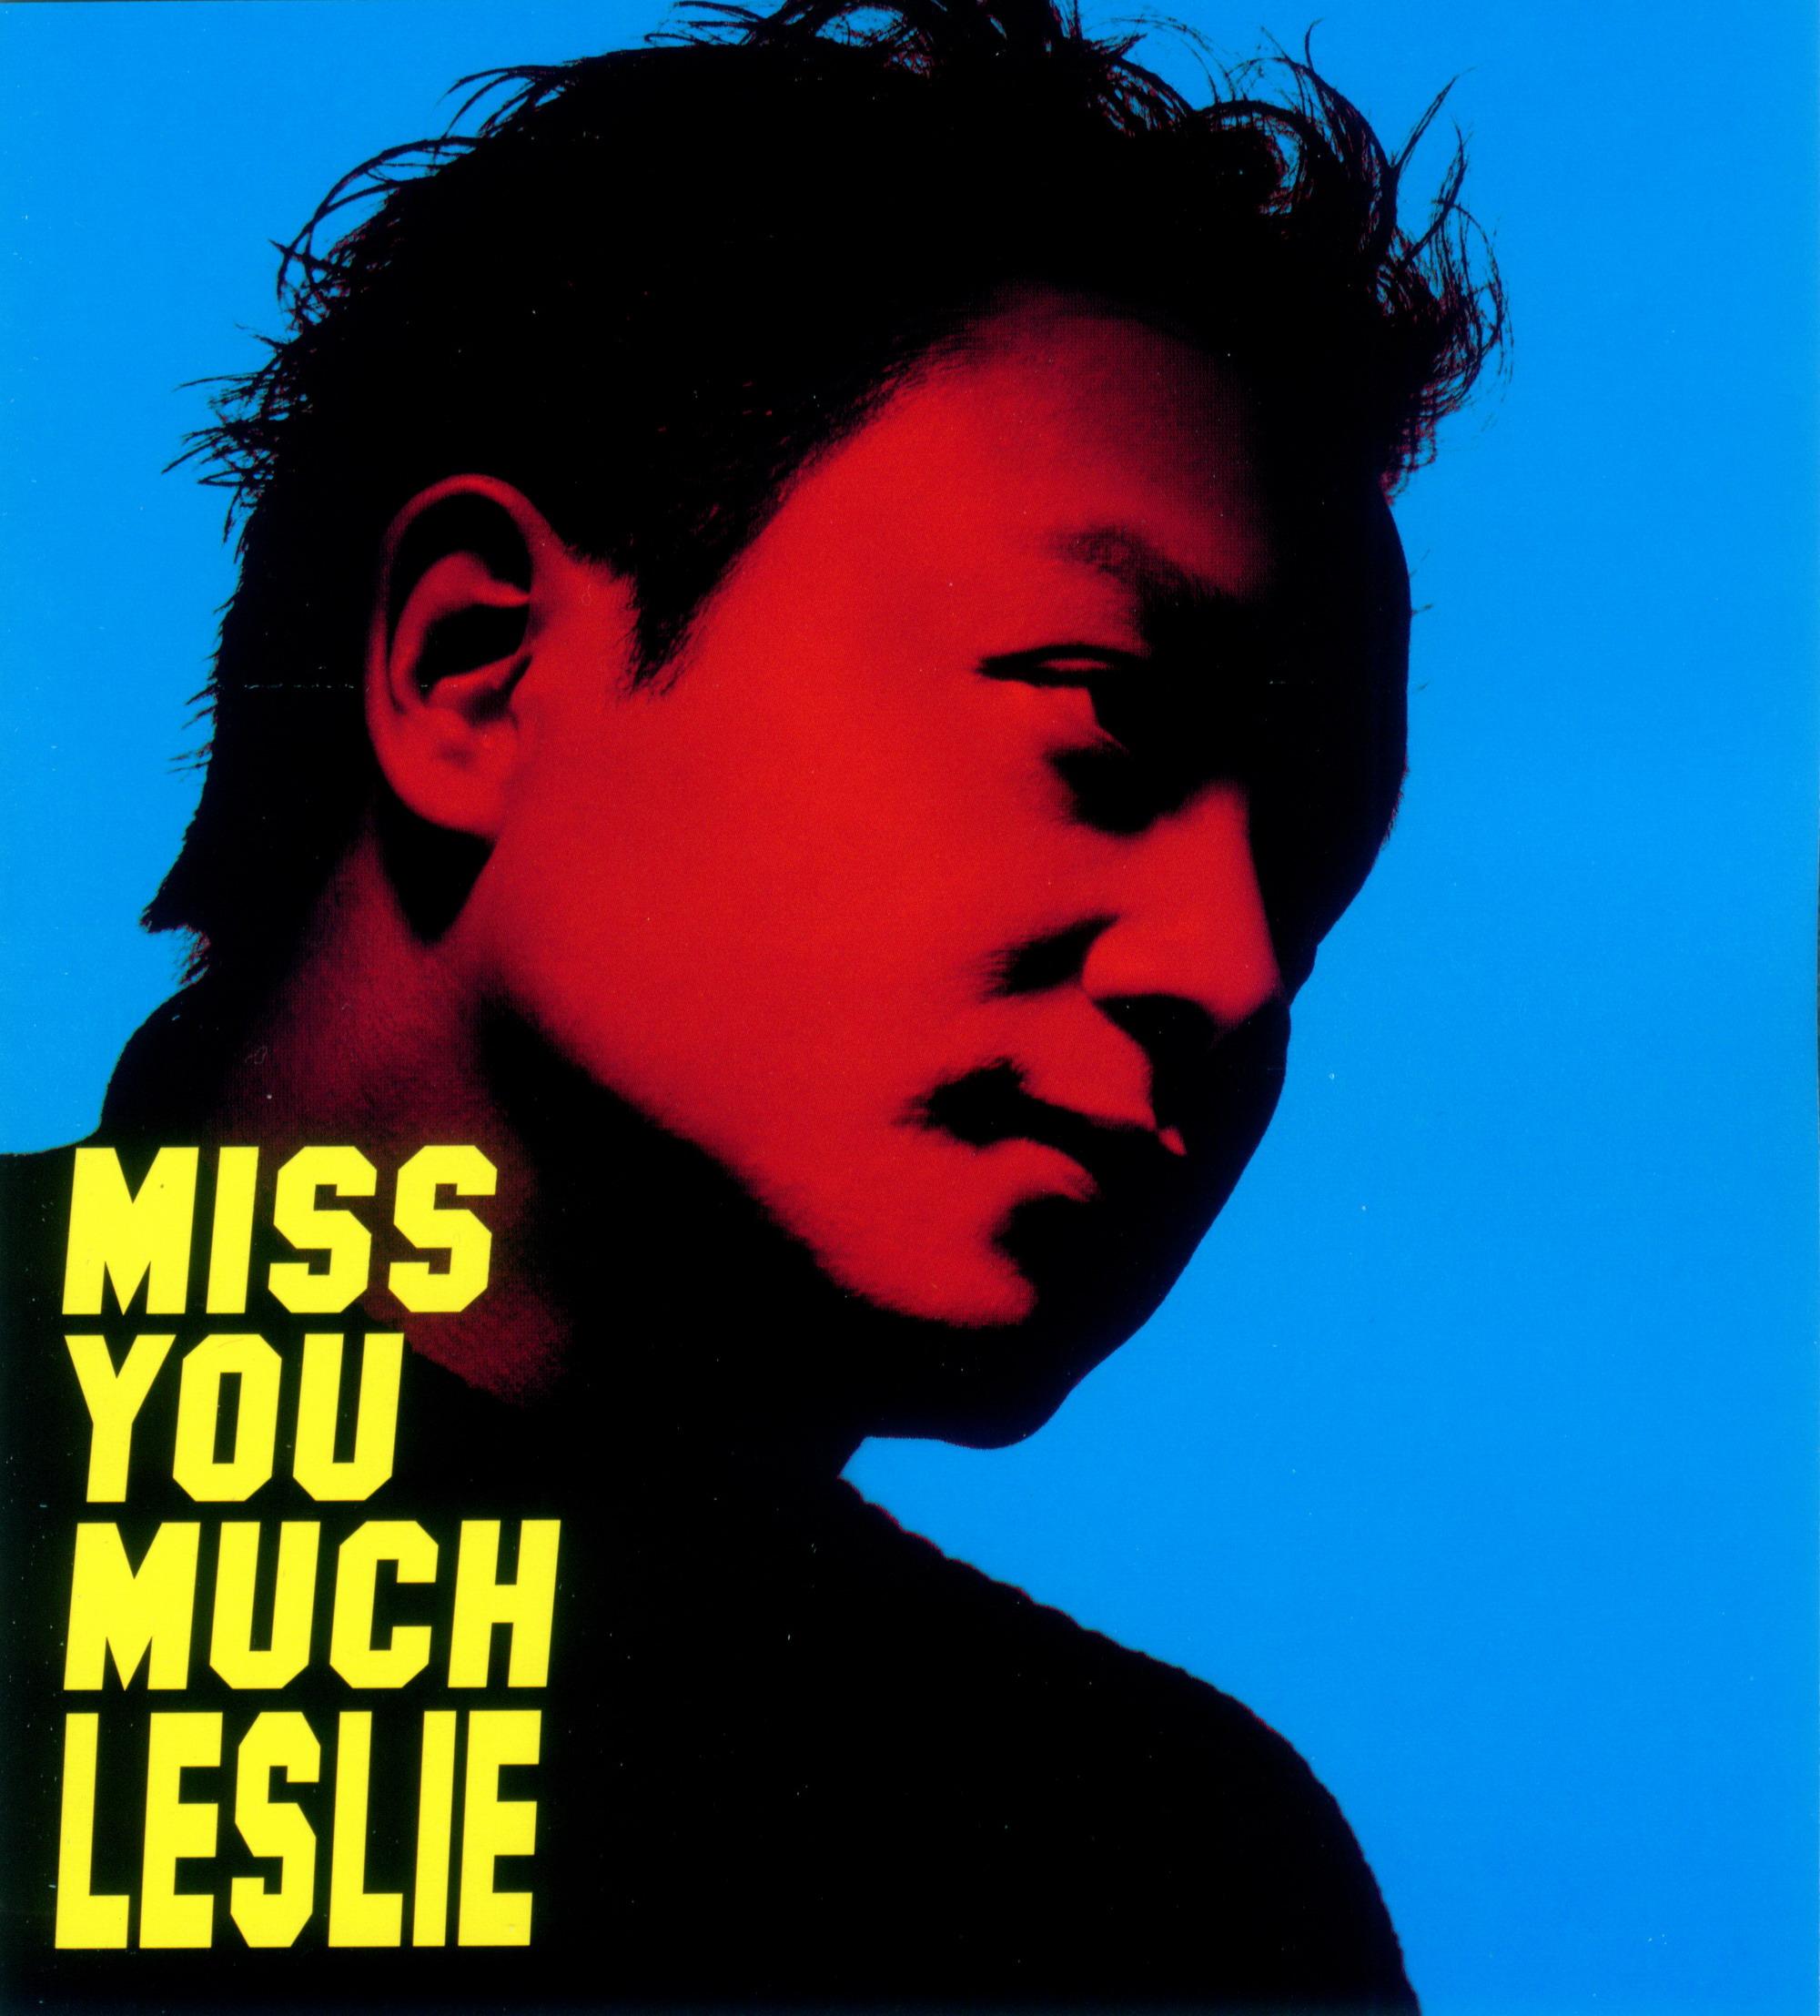 [2013] 张国荣 Miss You Much Leslie